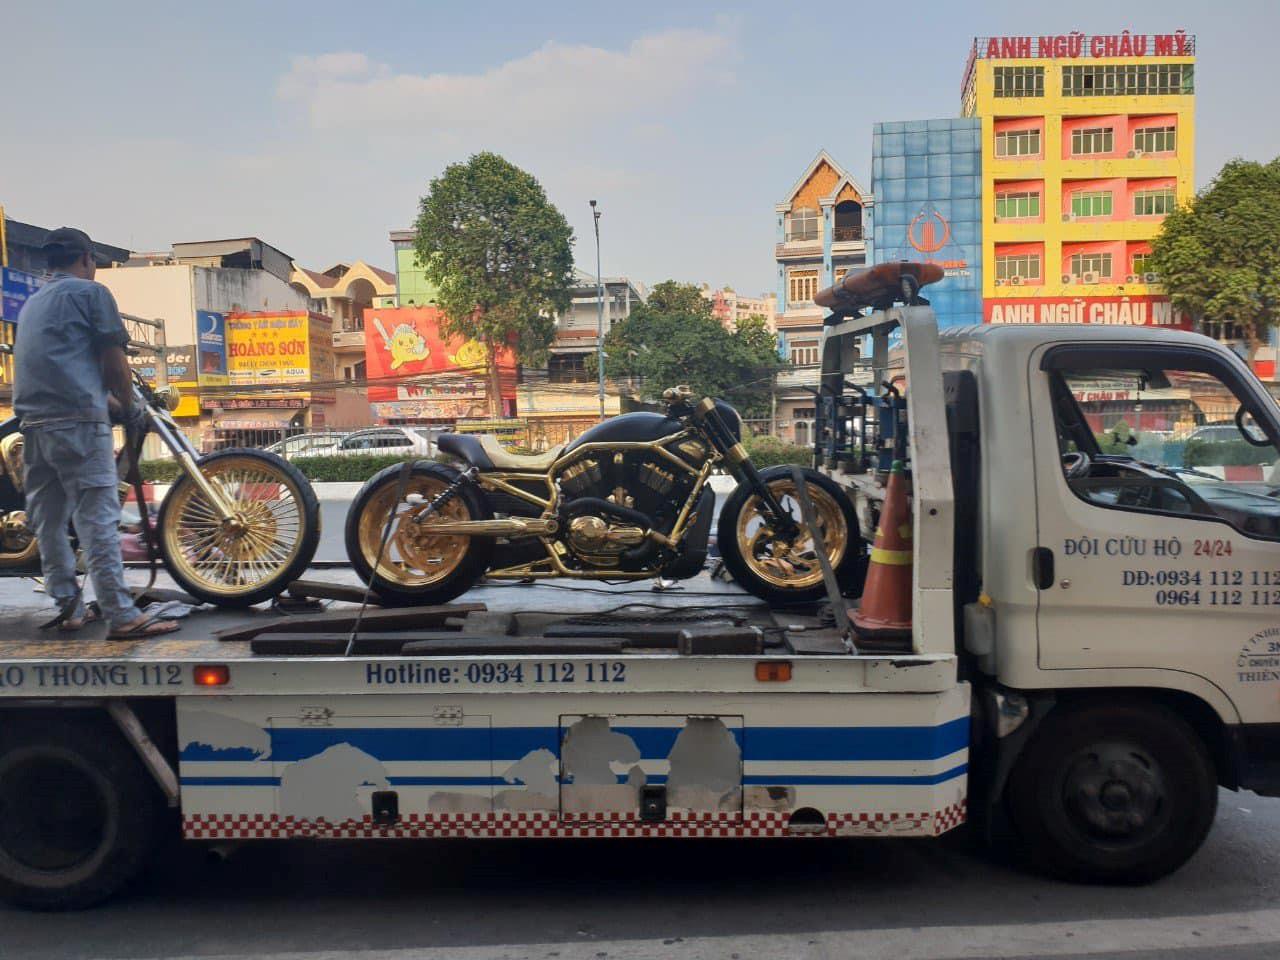 Bộ sưu tập môtô mạ vàng hàng độc trị giá hơn 7 tỷ đồng tại Việt Nam Ảnh 4